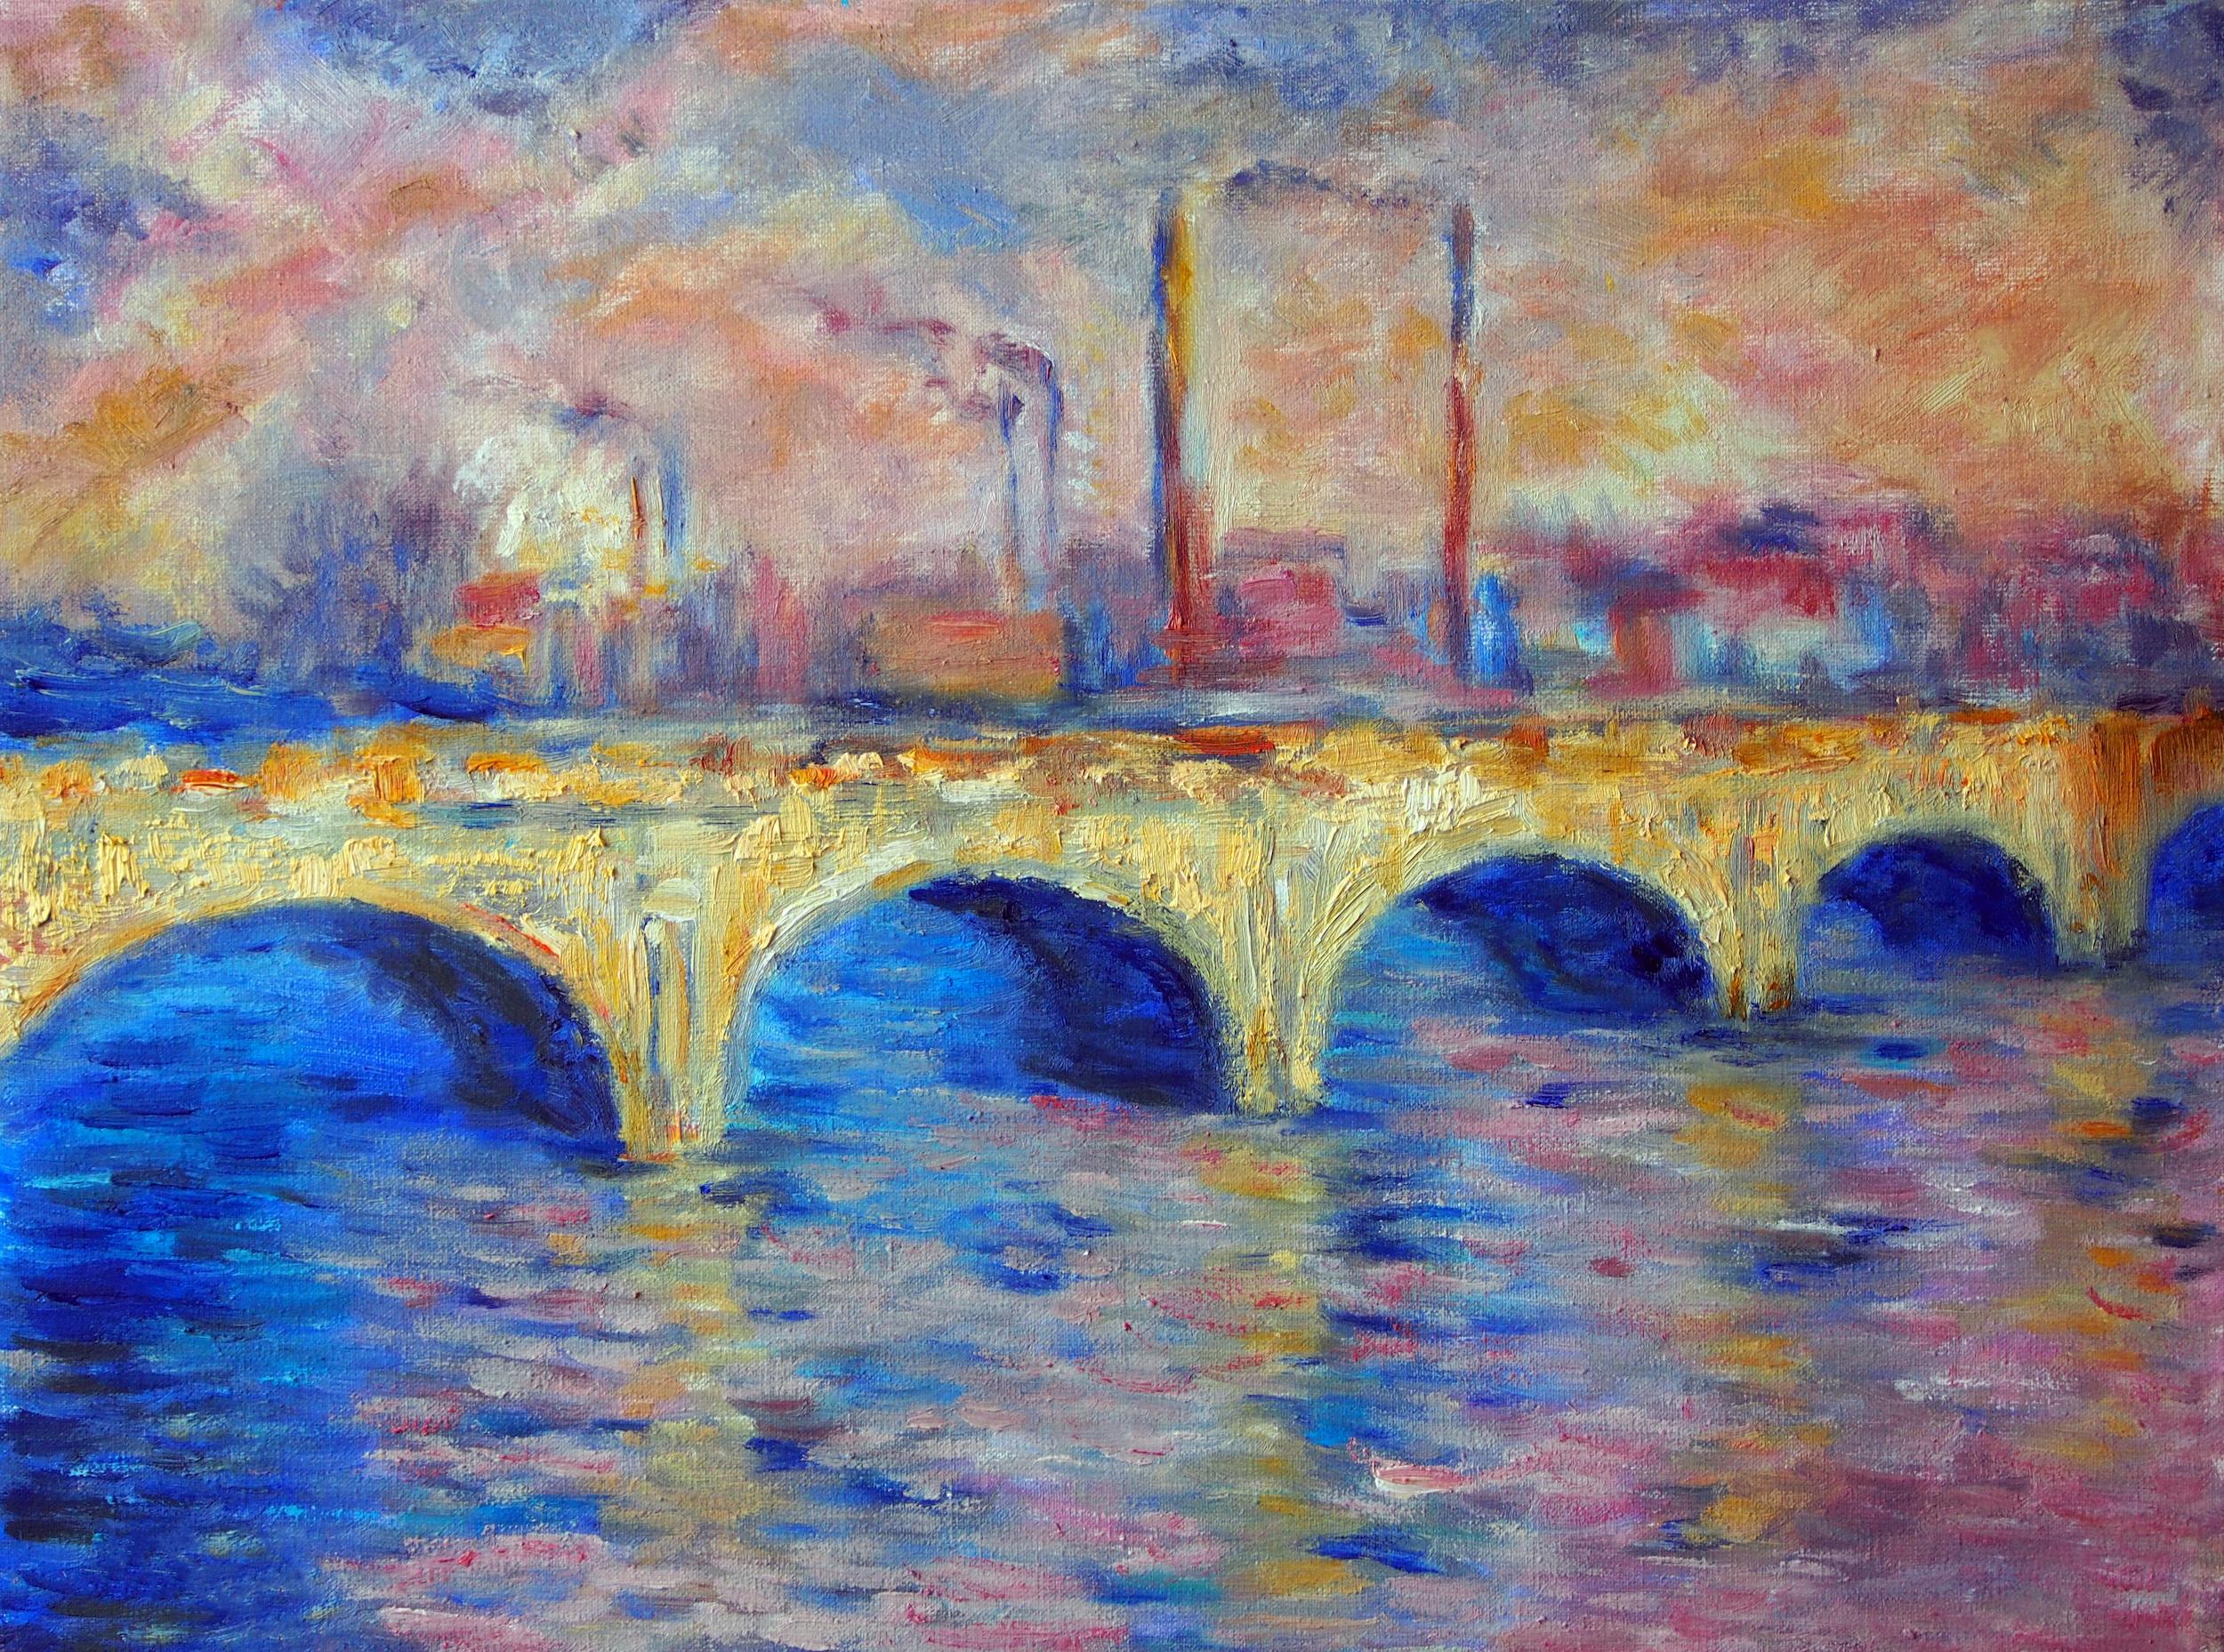 10 Pintores Impresionistas Imprescindibles Sus Cuadros Y Obras Mas Populares